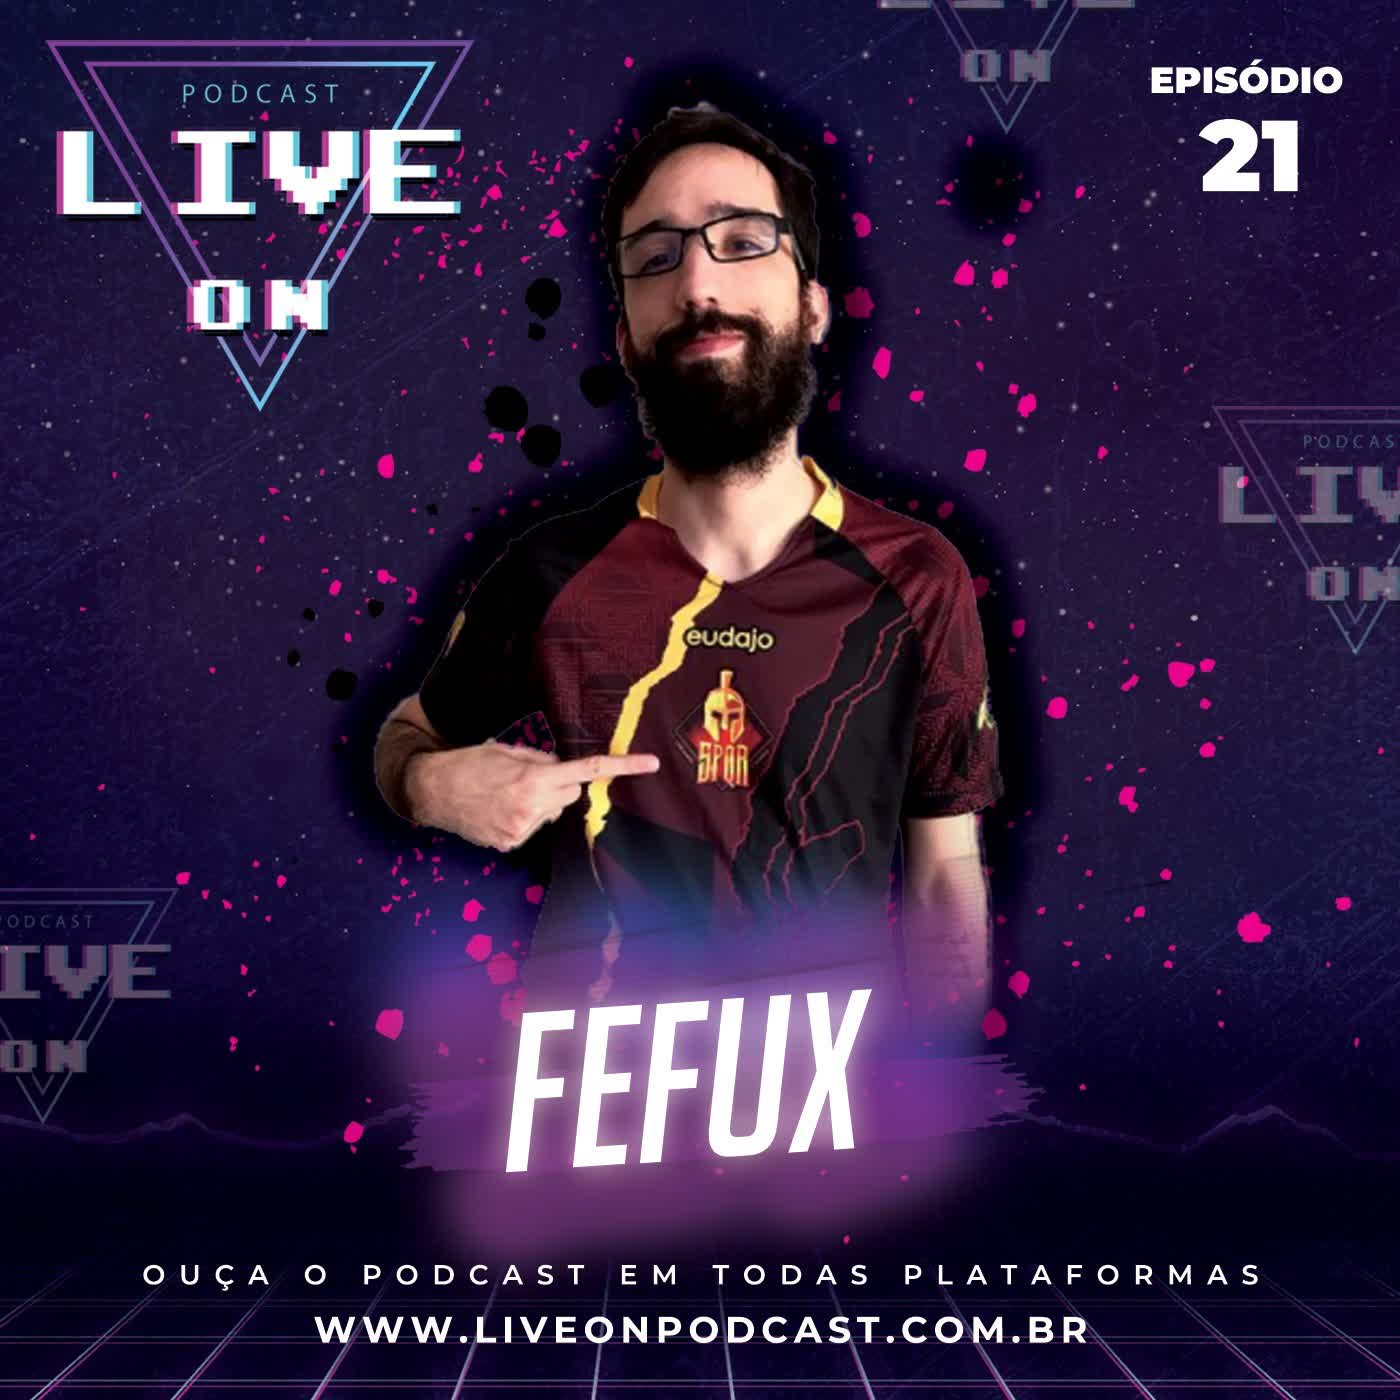 Live On Podcast - Convidado: Fefux - Episódio 21